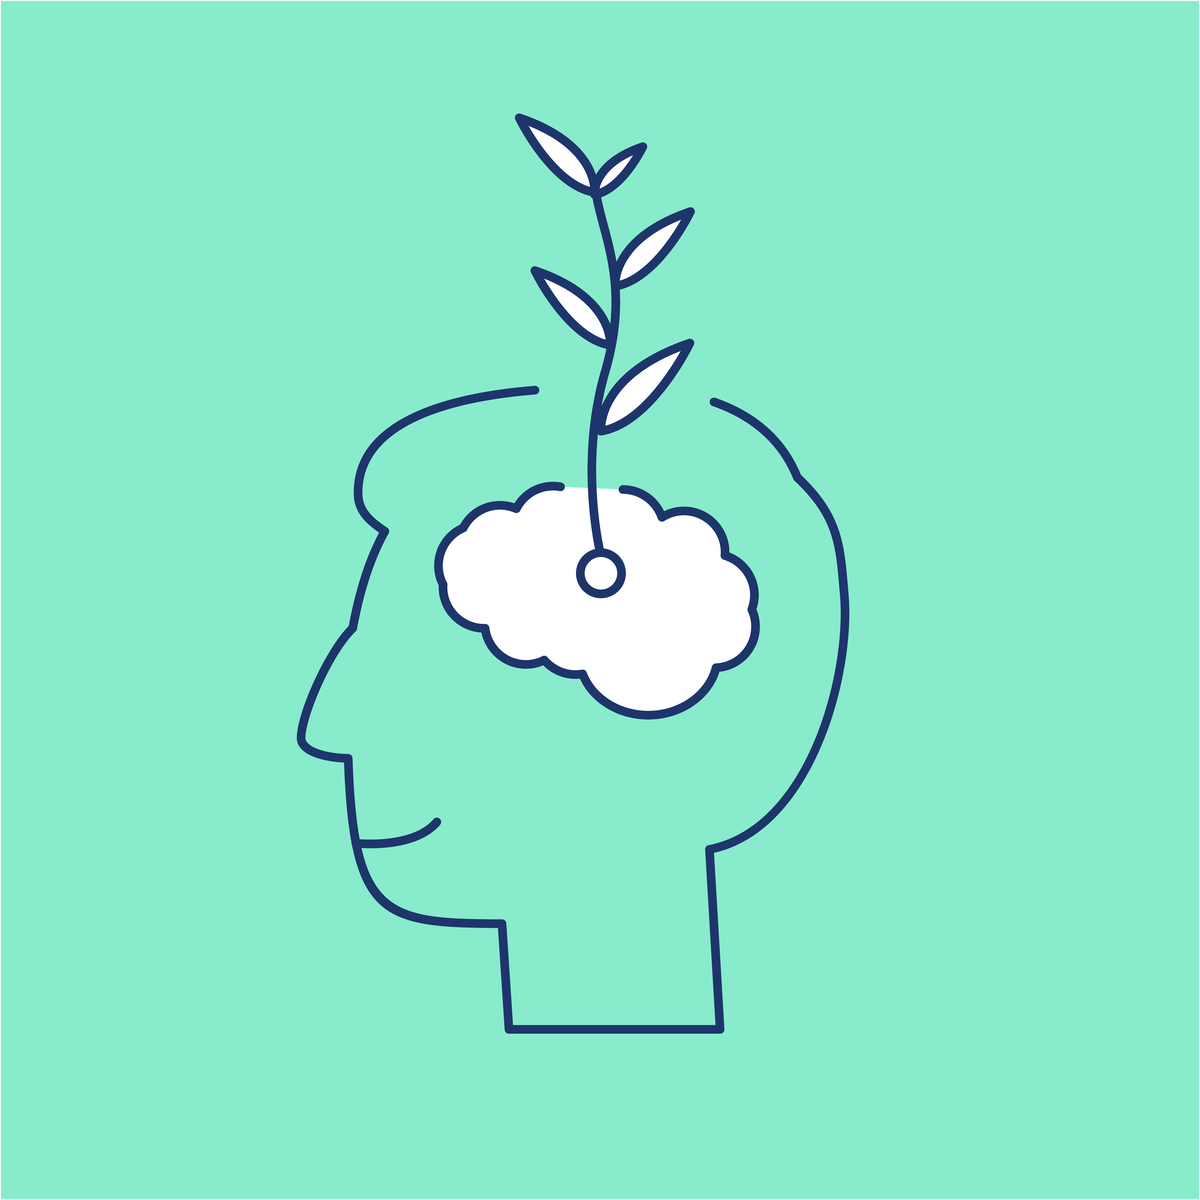 positive mindset accelerates achievement